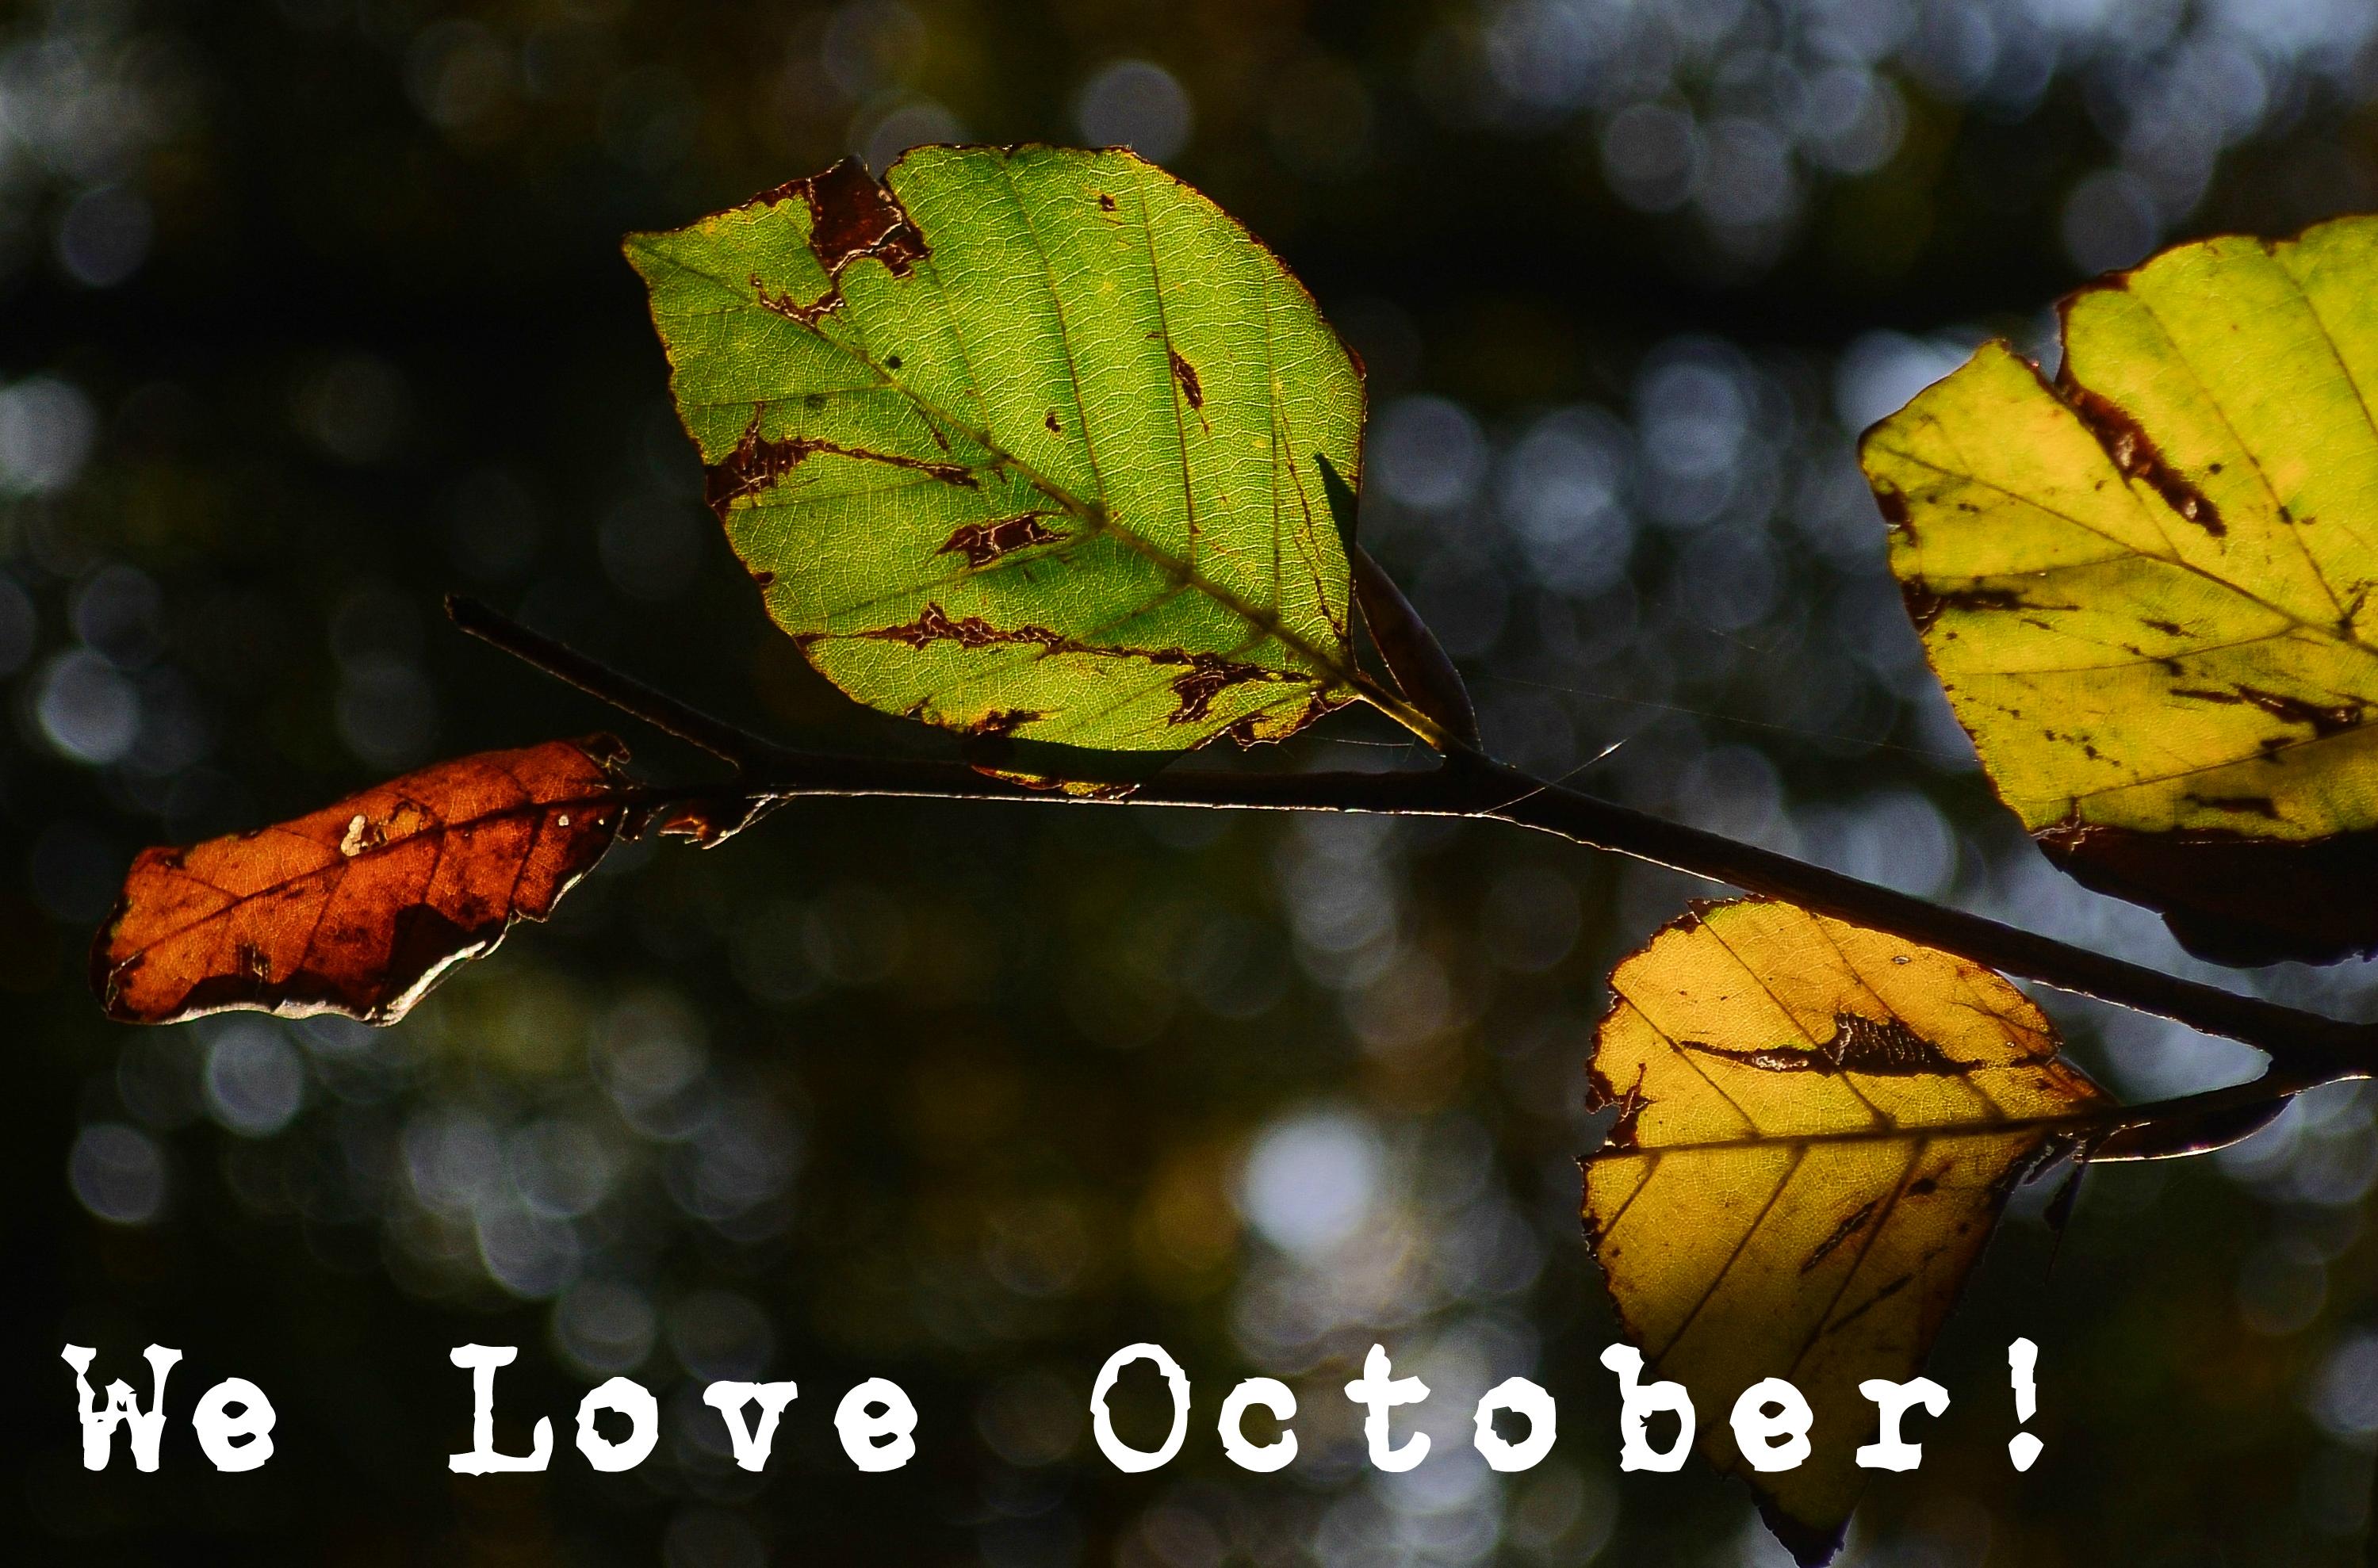 We Love October